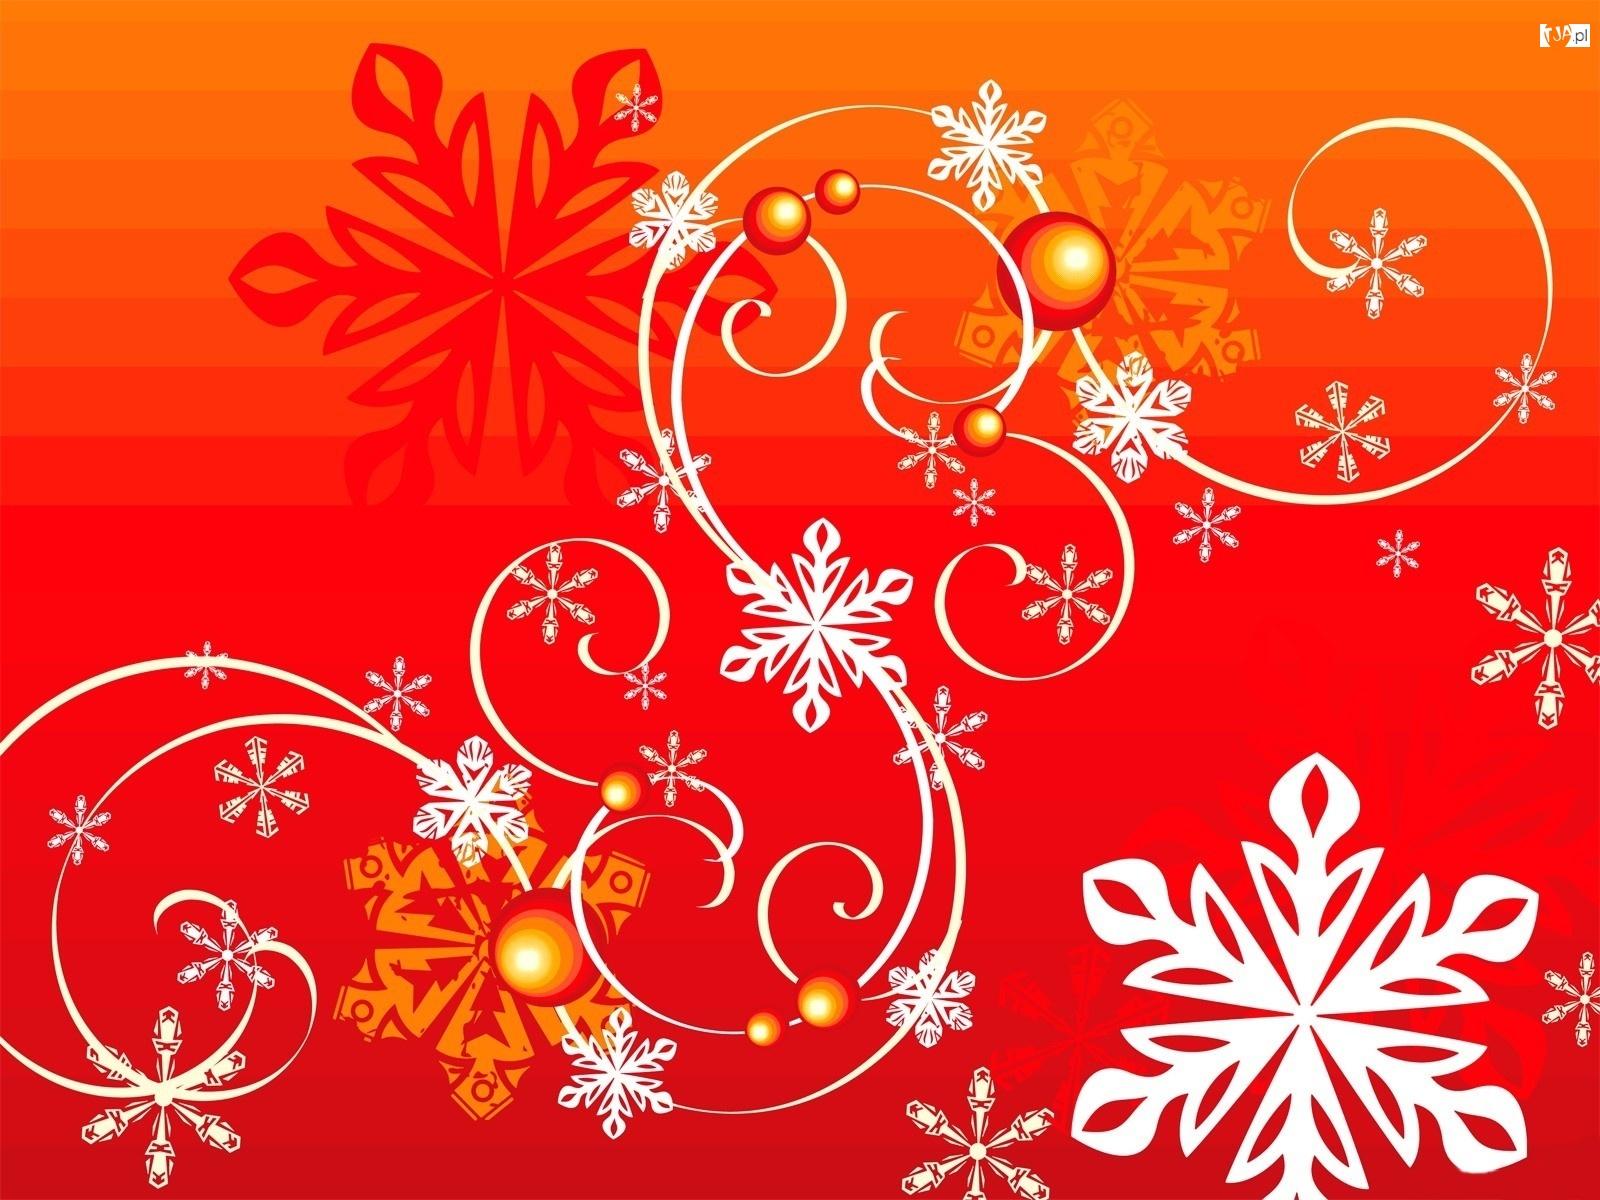 Płatki, Wstążki, Śniegu, Bombki